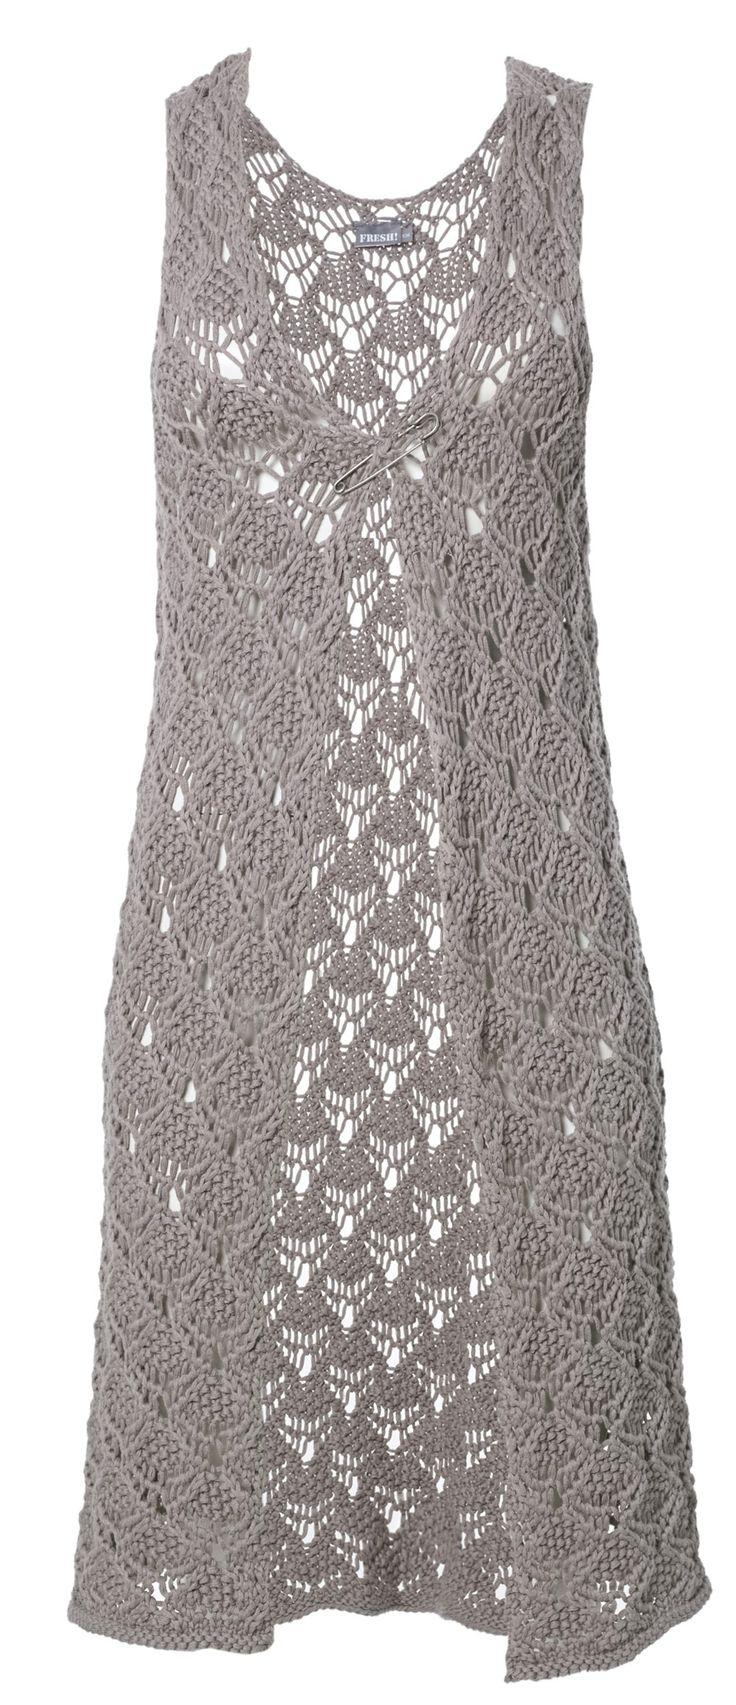 Angie - Gehaakt mouwloos vest in Bohemian style draag je heel makkelijk over diverse andere kledingstukken. Bijvoorbeeld in combinatie met een jurkje of mooi shirt met legging.  Heerlijk koel in de zomer, want gemaakt van 100% fijn katoen. Een vest dat je eigenlijk altijd wel aan wilt hebben.